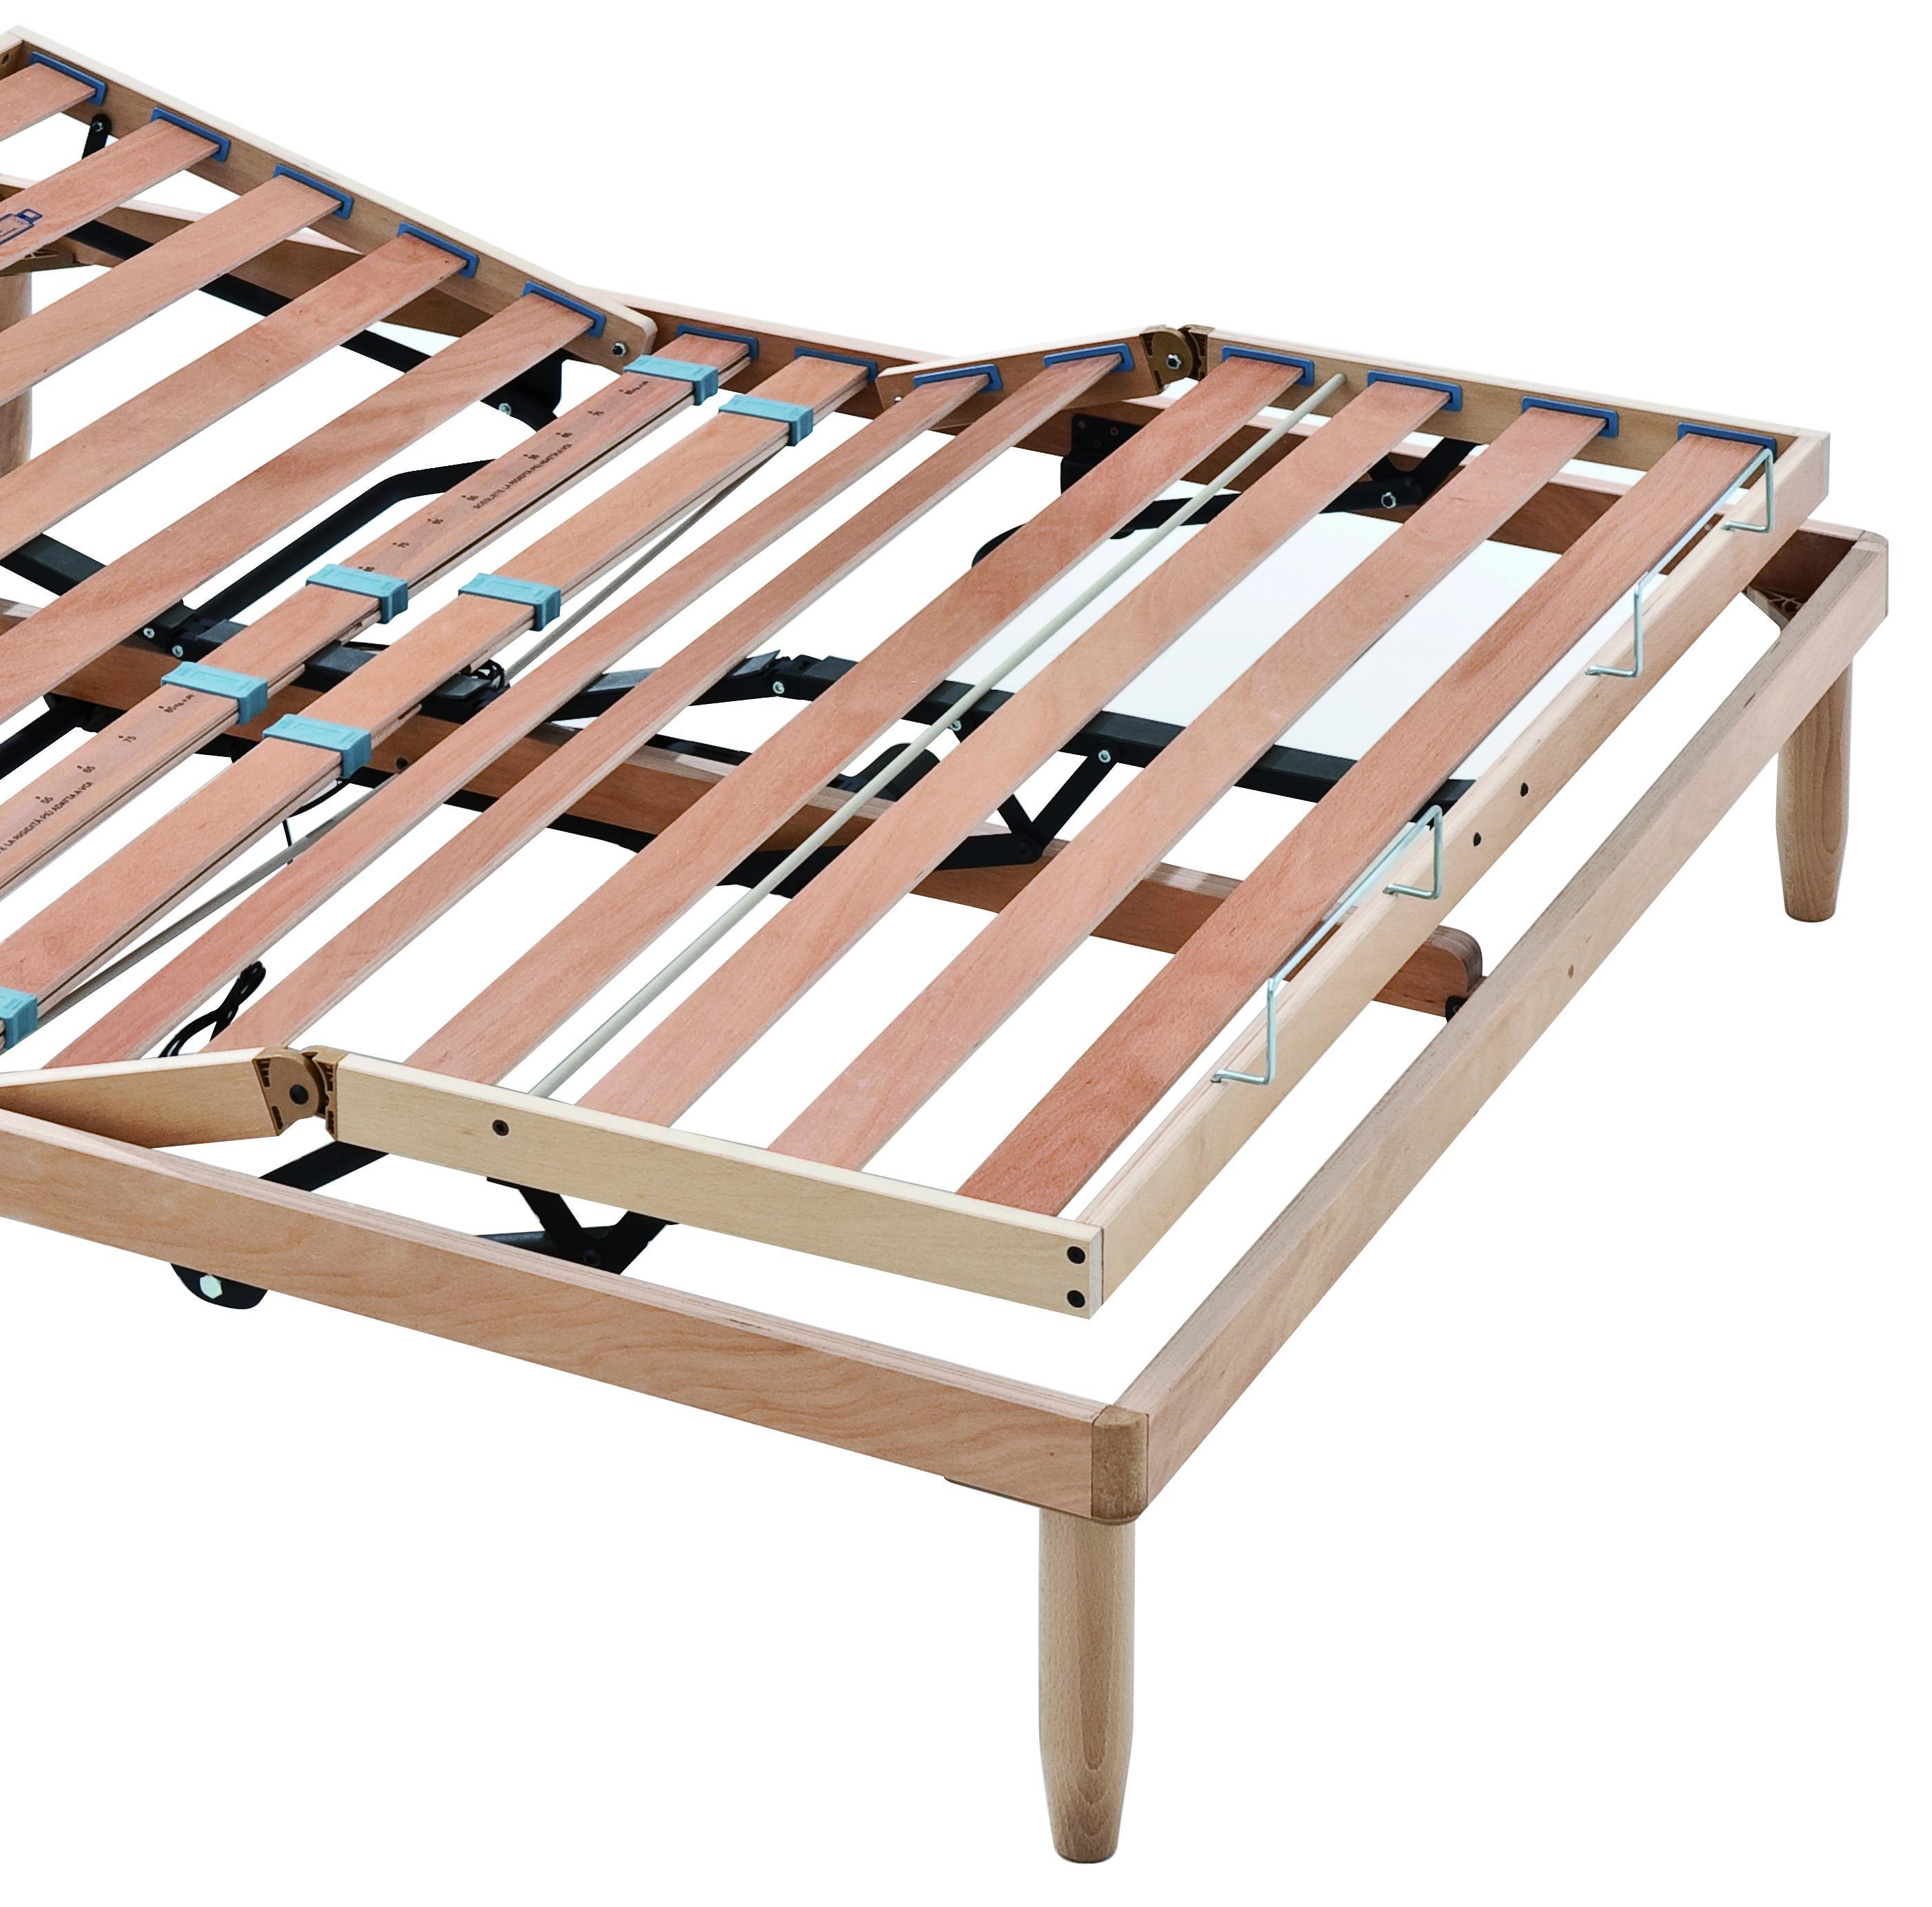 KIT Materasso lattice Latex Cool con rete a scelta + cuscino ...